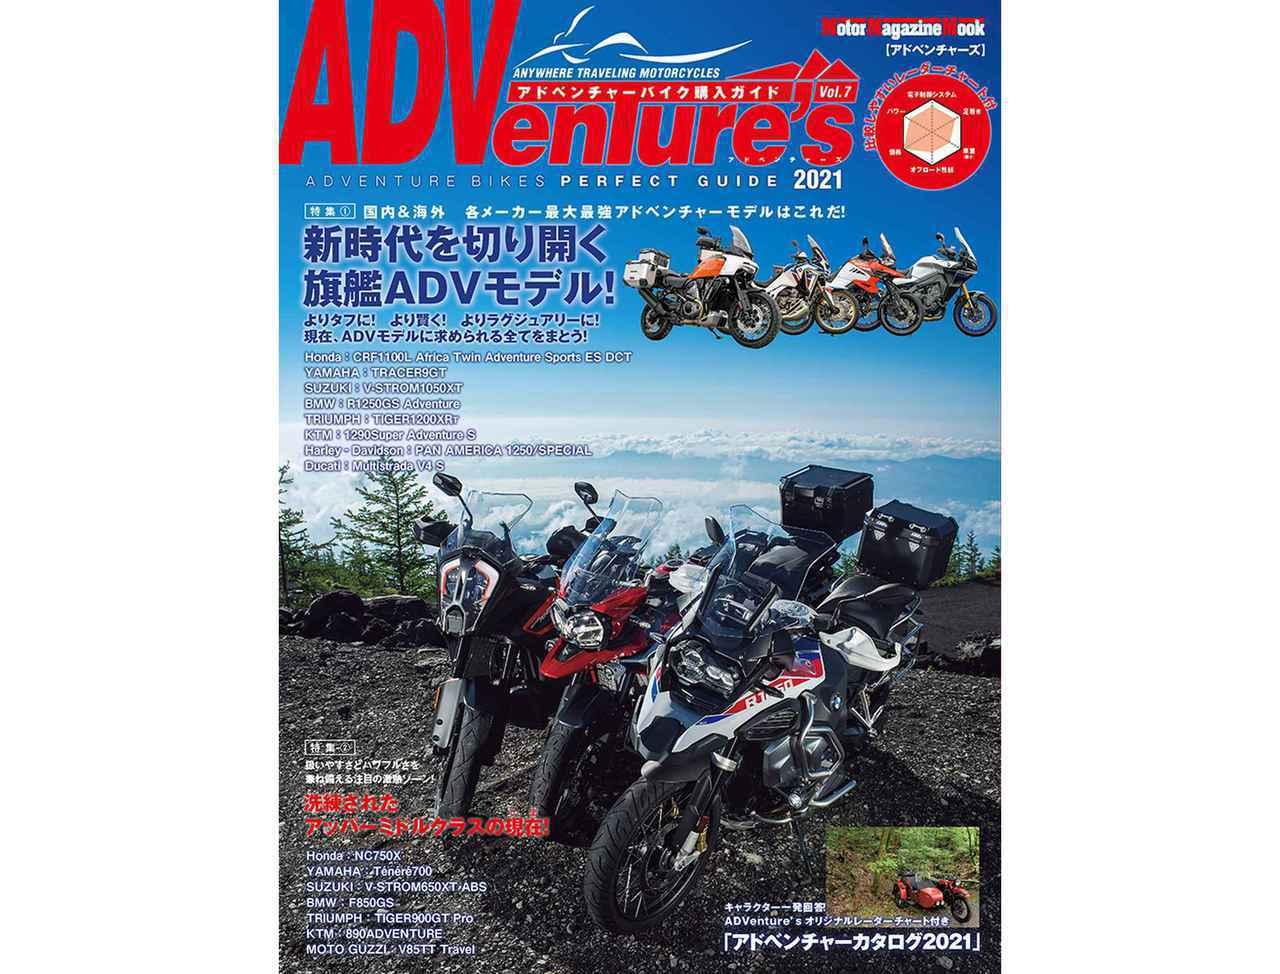 画像1: 最新アドベンチャーバイクを徹底解説!『アドベンチャーズ 2021』発売 丸ごと一冊、冒険ADVモデル大特集 - webオートバイ